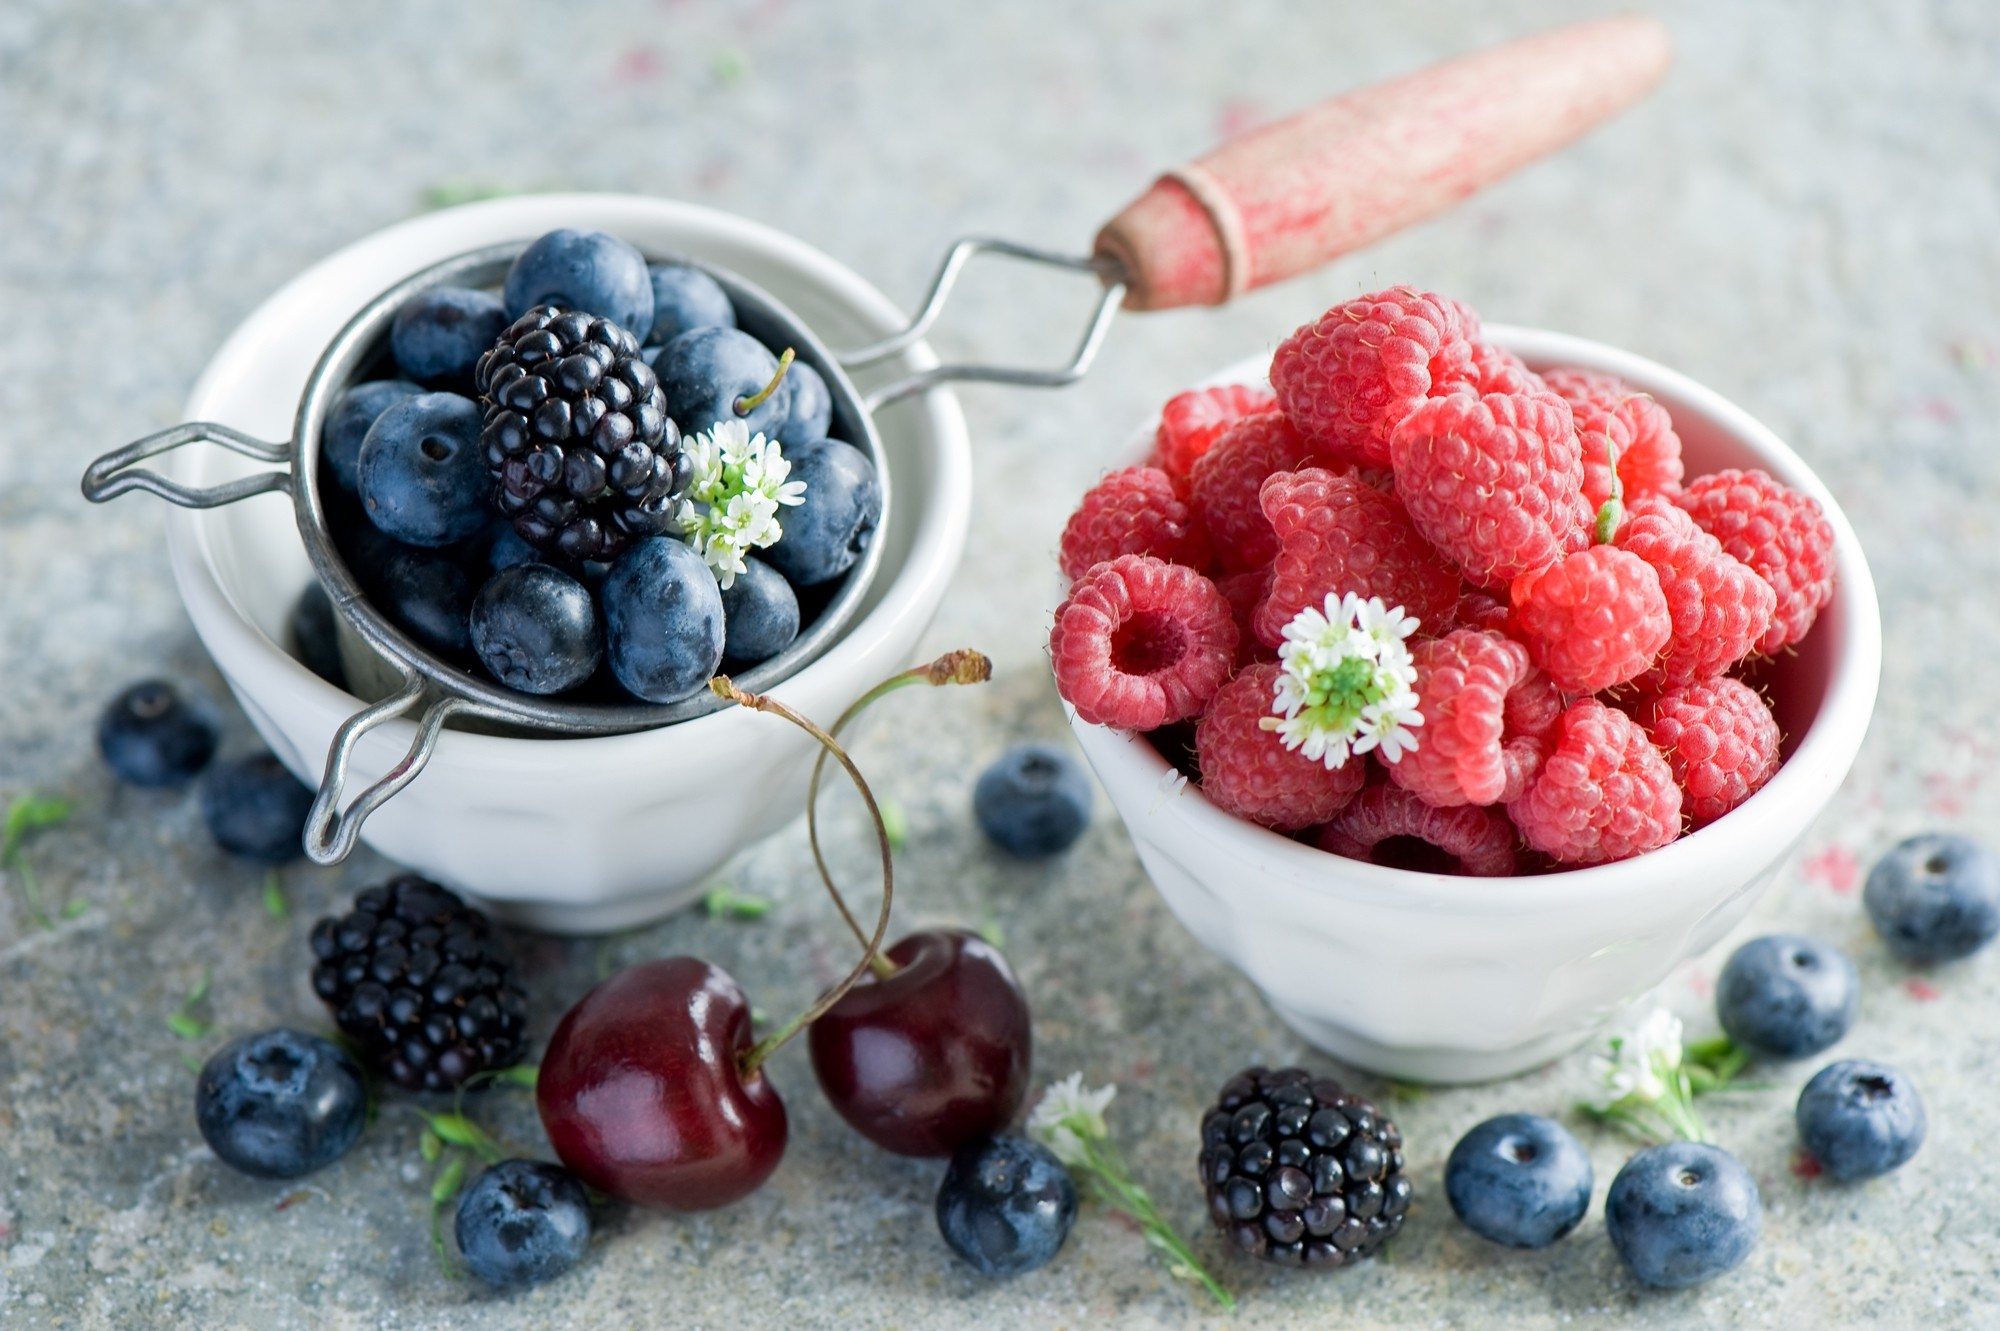 картинки с ягодами очень красивые уходит